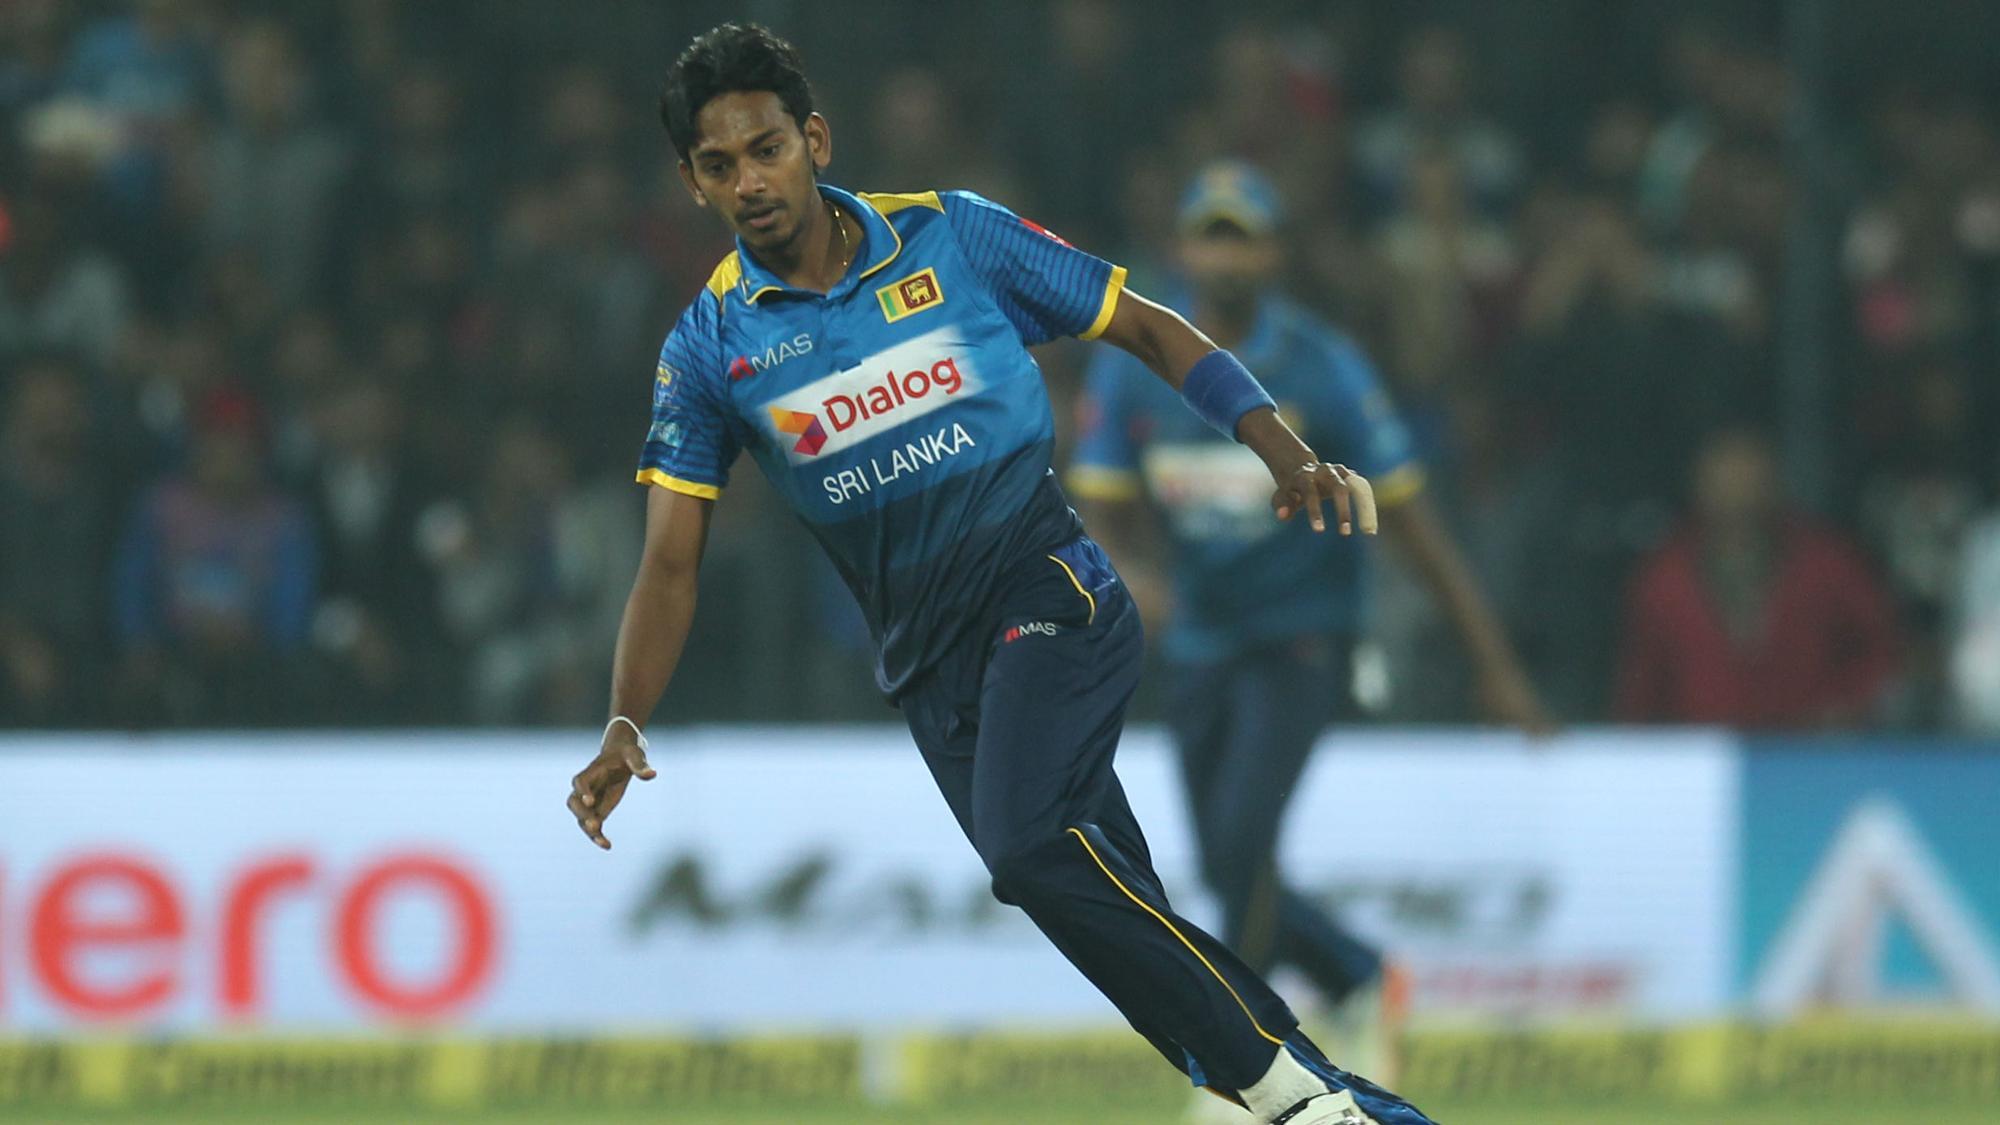 भारतीय कोच राहुल द्रविड़ श्रीलंका के इस गेंदबाज के हुए कायल, कहा आगे चलकर बन सकता है महान गेंदबाज 4